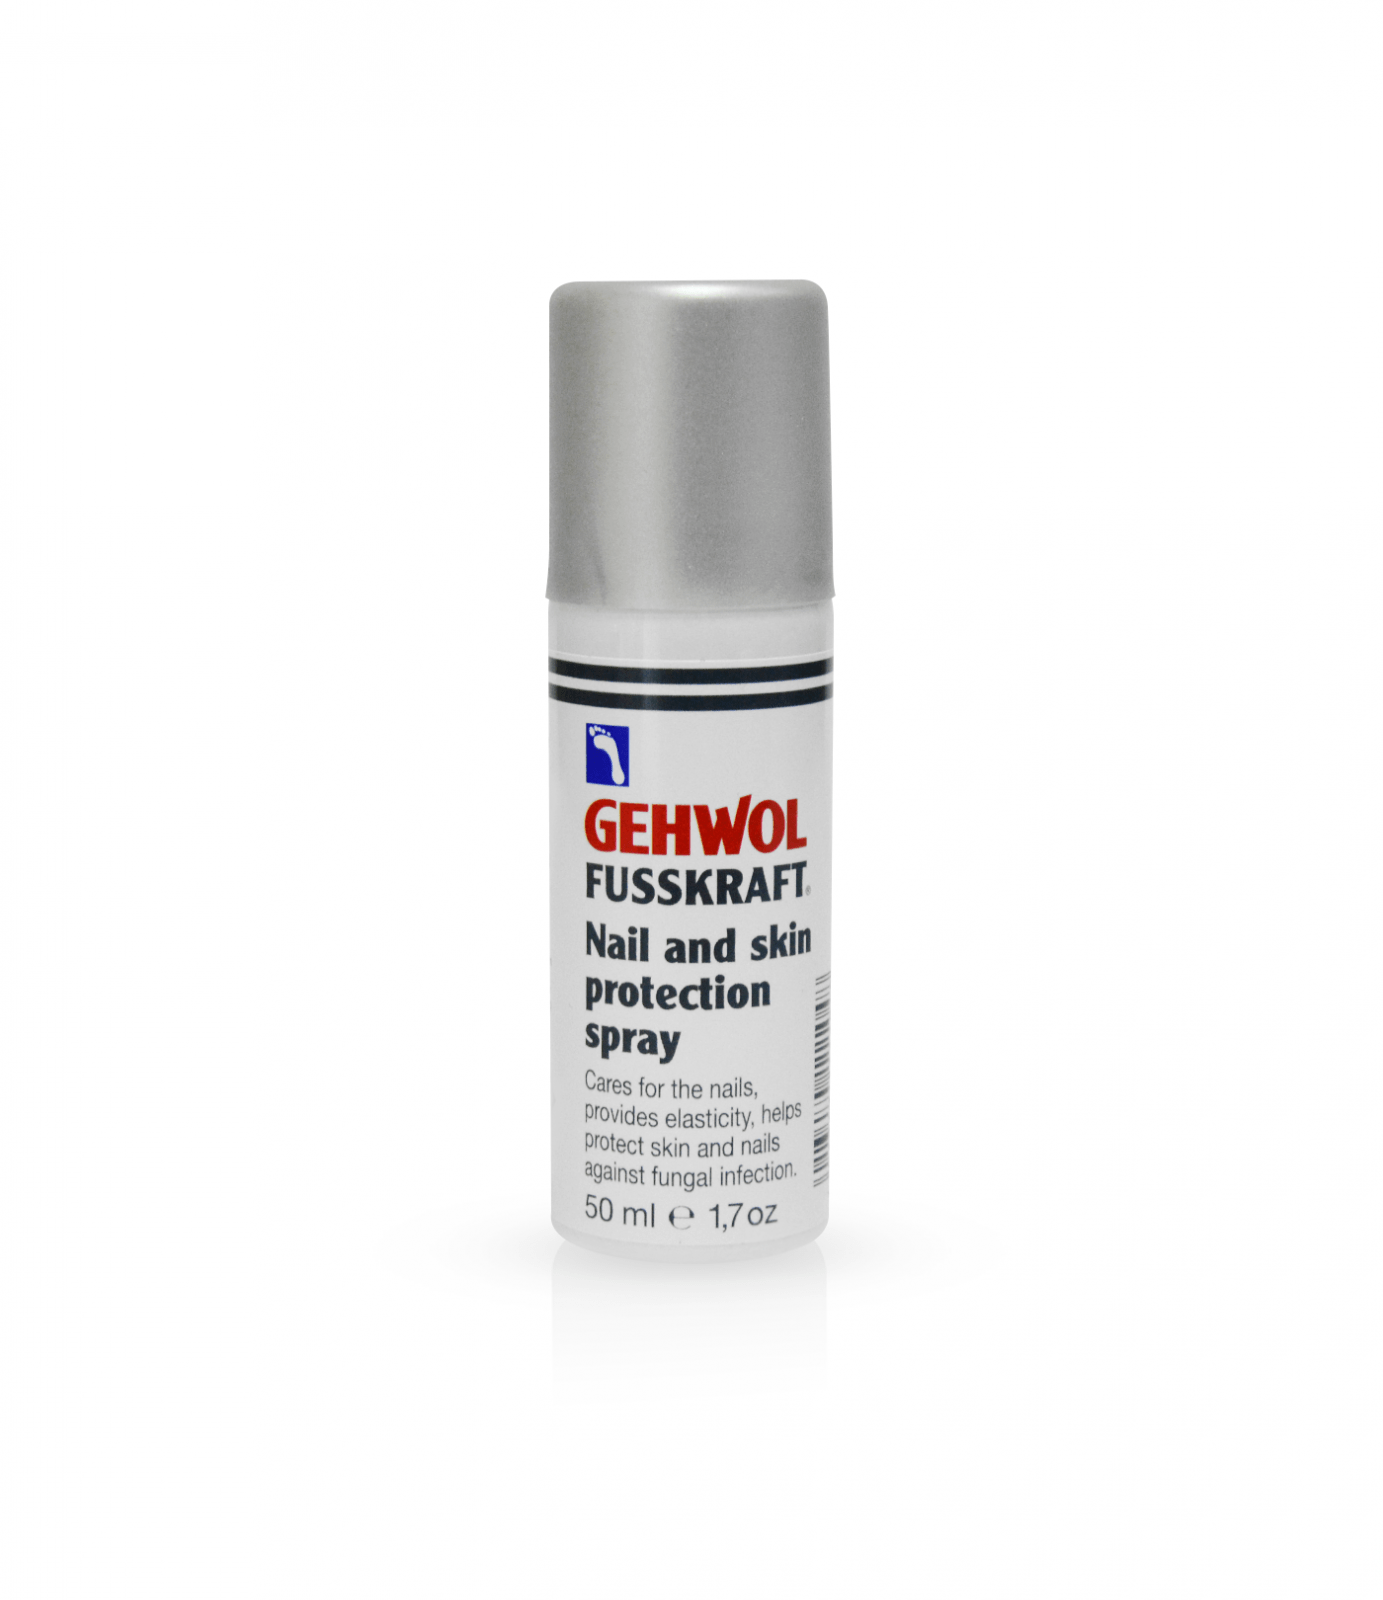 Защитный спрей для ногтей и кожи Фусскрафт